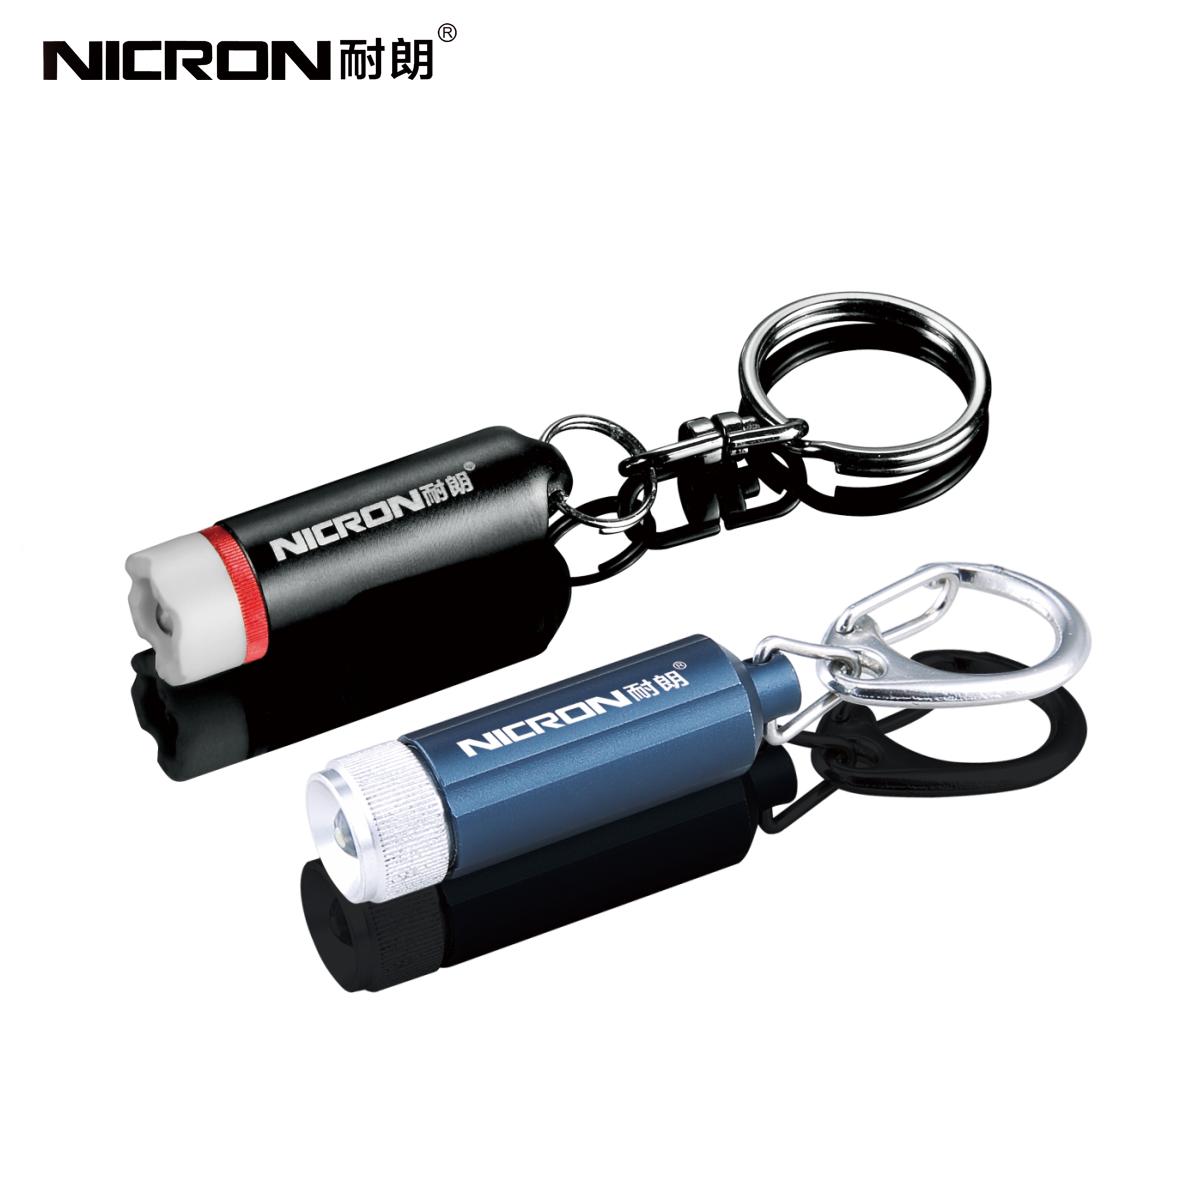 正品耐朗Nicron 迷你强光手电筒G10A 户外LED 钥匙扣小手电 包邮